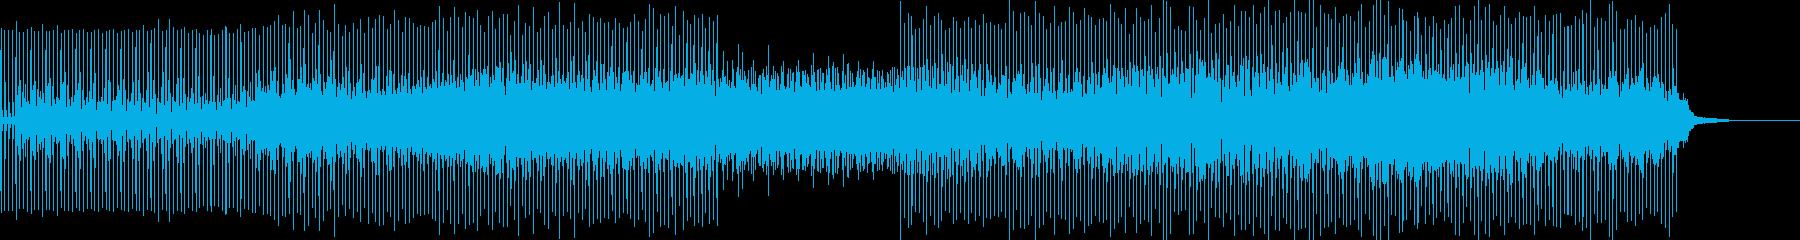 劇伴 ミニマルで緊迫感のあるテクノの再生済みの波形